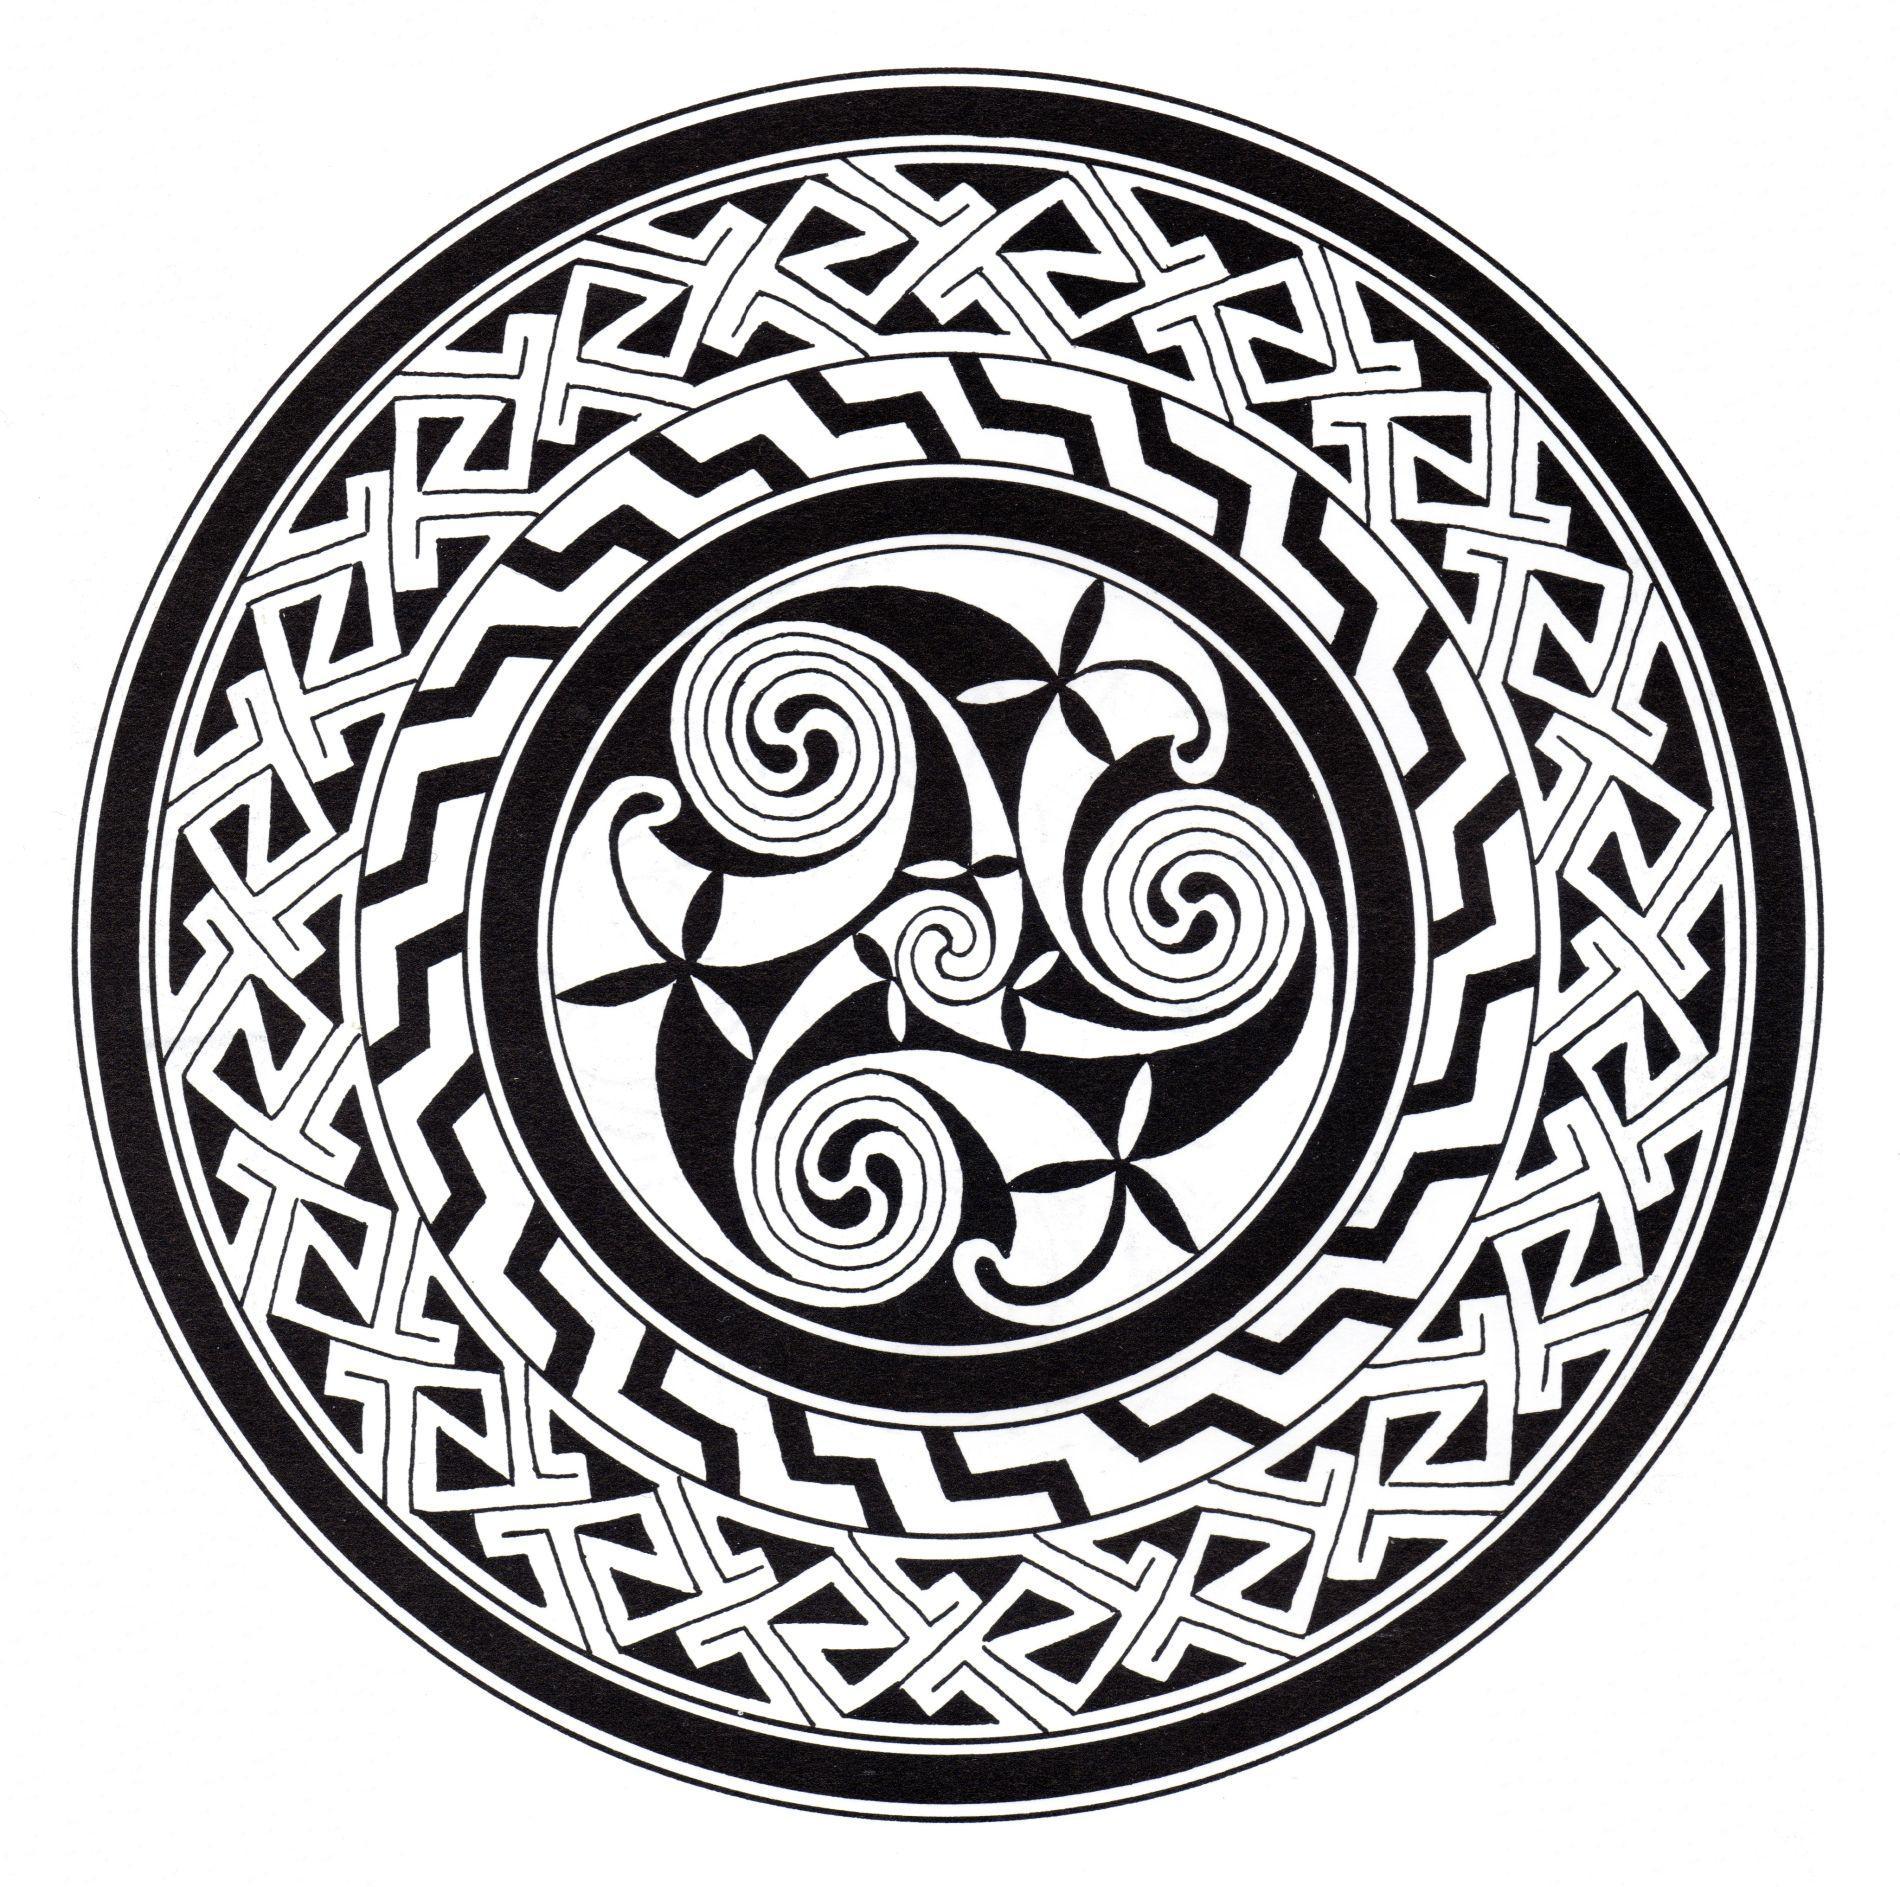 Coloriage Anti Stress Celtique.Mandala Art Celtique 13 Mandalas Avec Motifs Geometriques